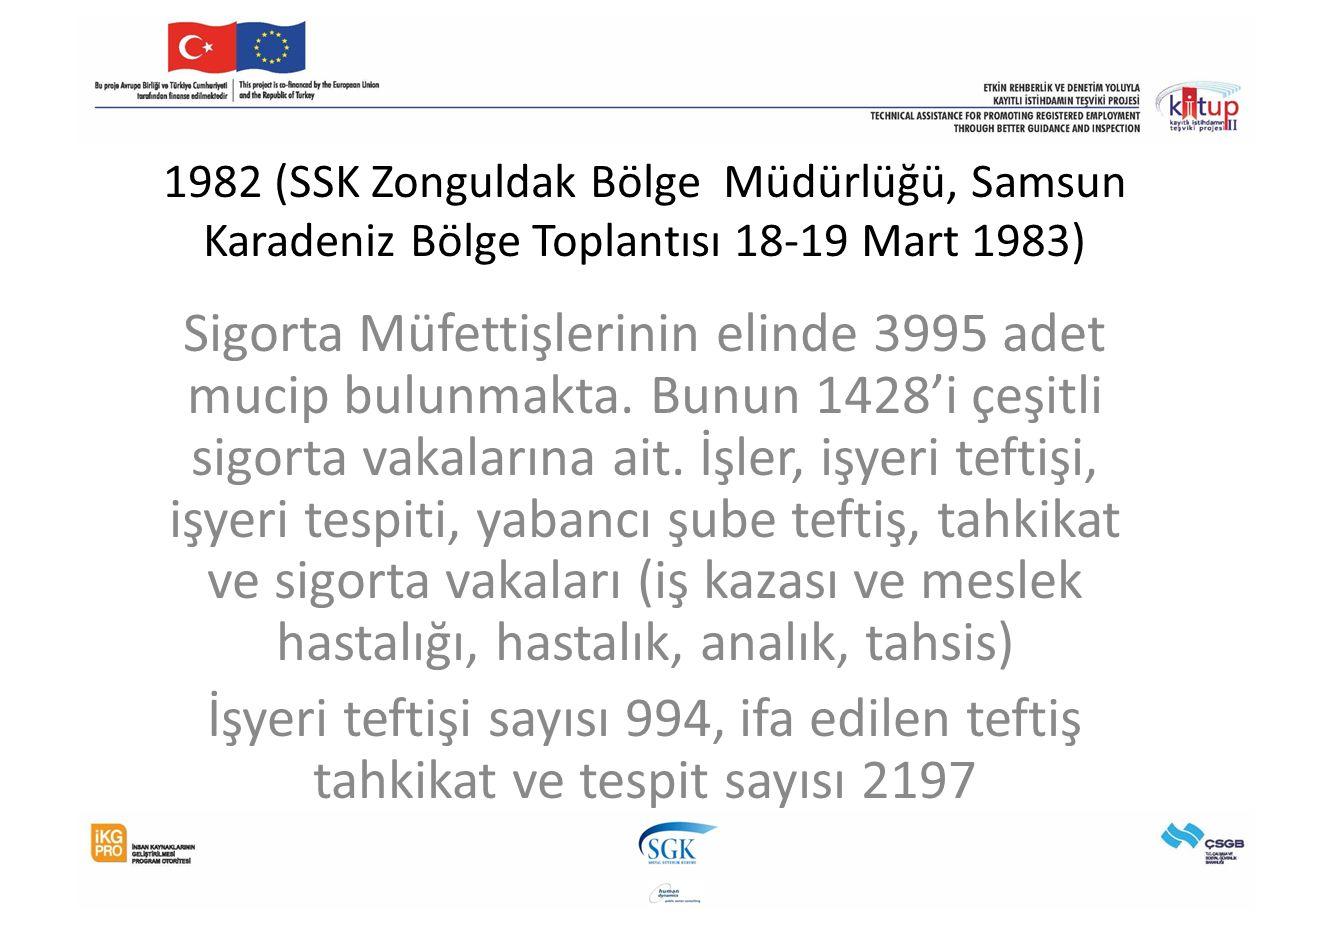 1982 (SSK Zonguldak Bölge Müdürlüğü, Samsun Karadeniz Bölge Toplantısı 18-19 Mart 1983) Sigorta Müfettişlerinin elinde 3995 adet mucip bulunmakta. Bun